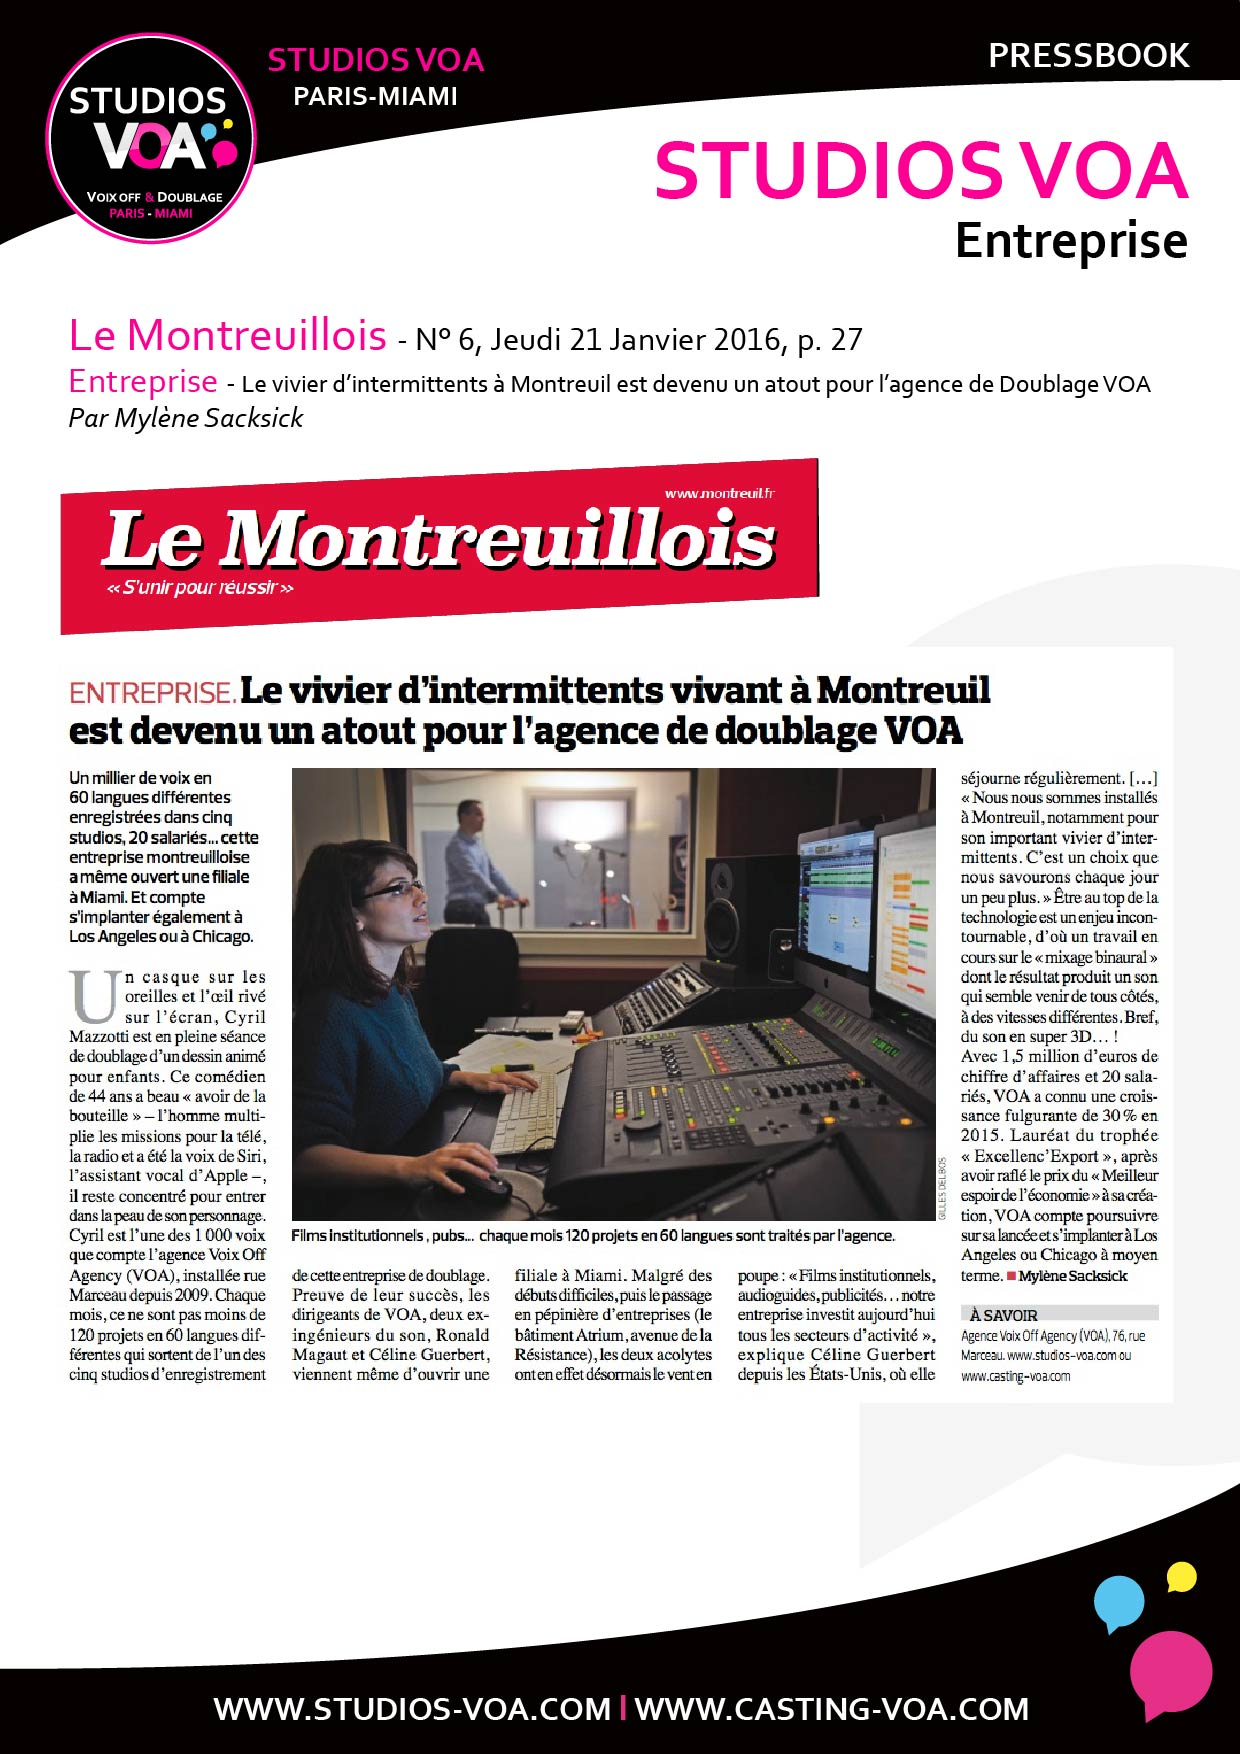 Pressbook-VOA_160122_Plan-de-travail-2